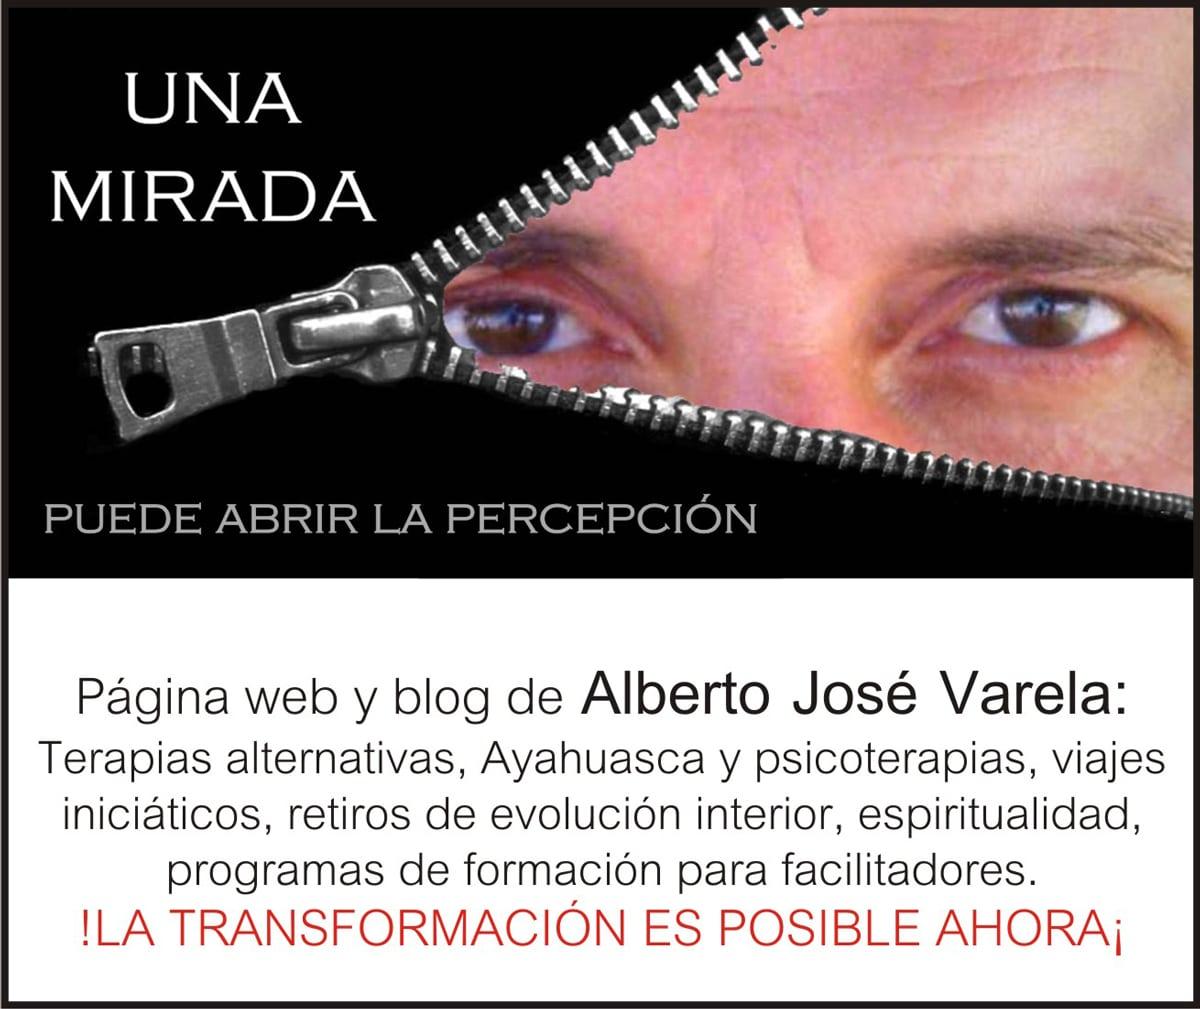 PORTADA-LINK-BLOG-Y-WEB-ALBERTO